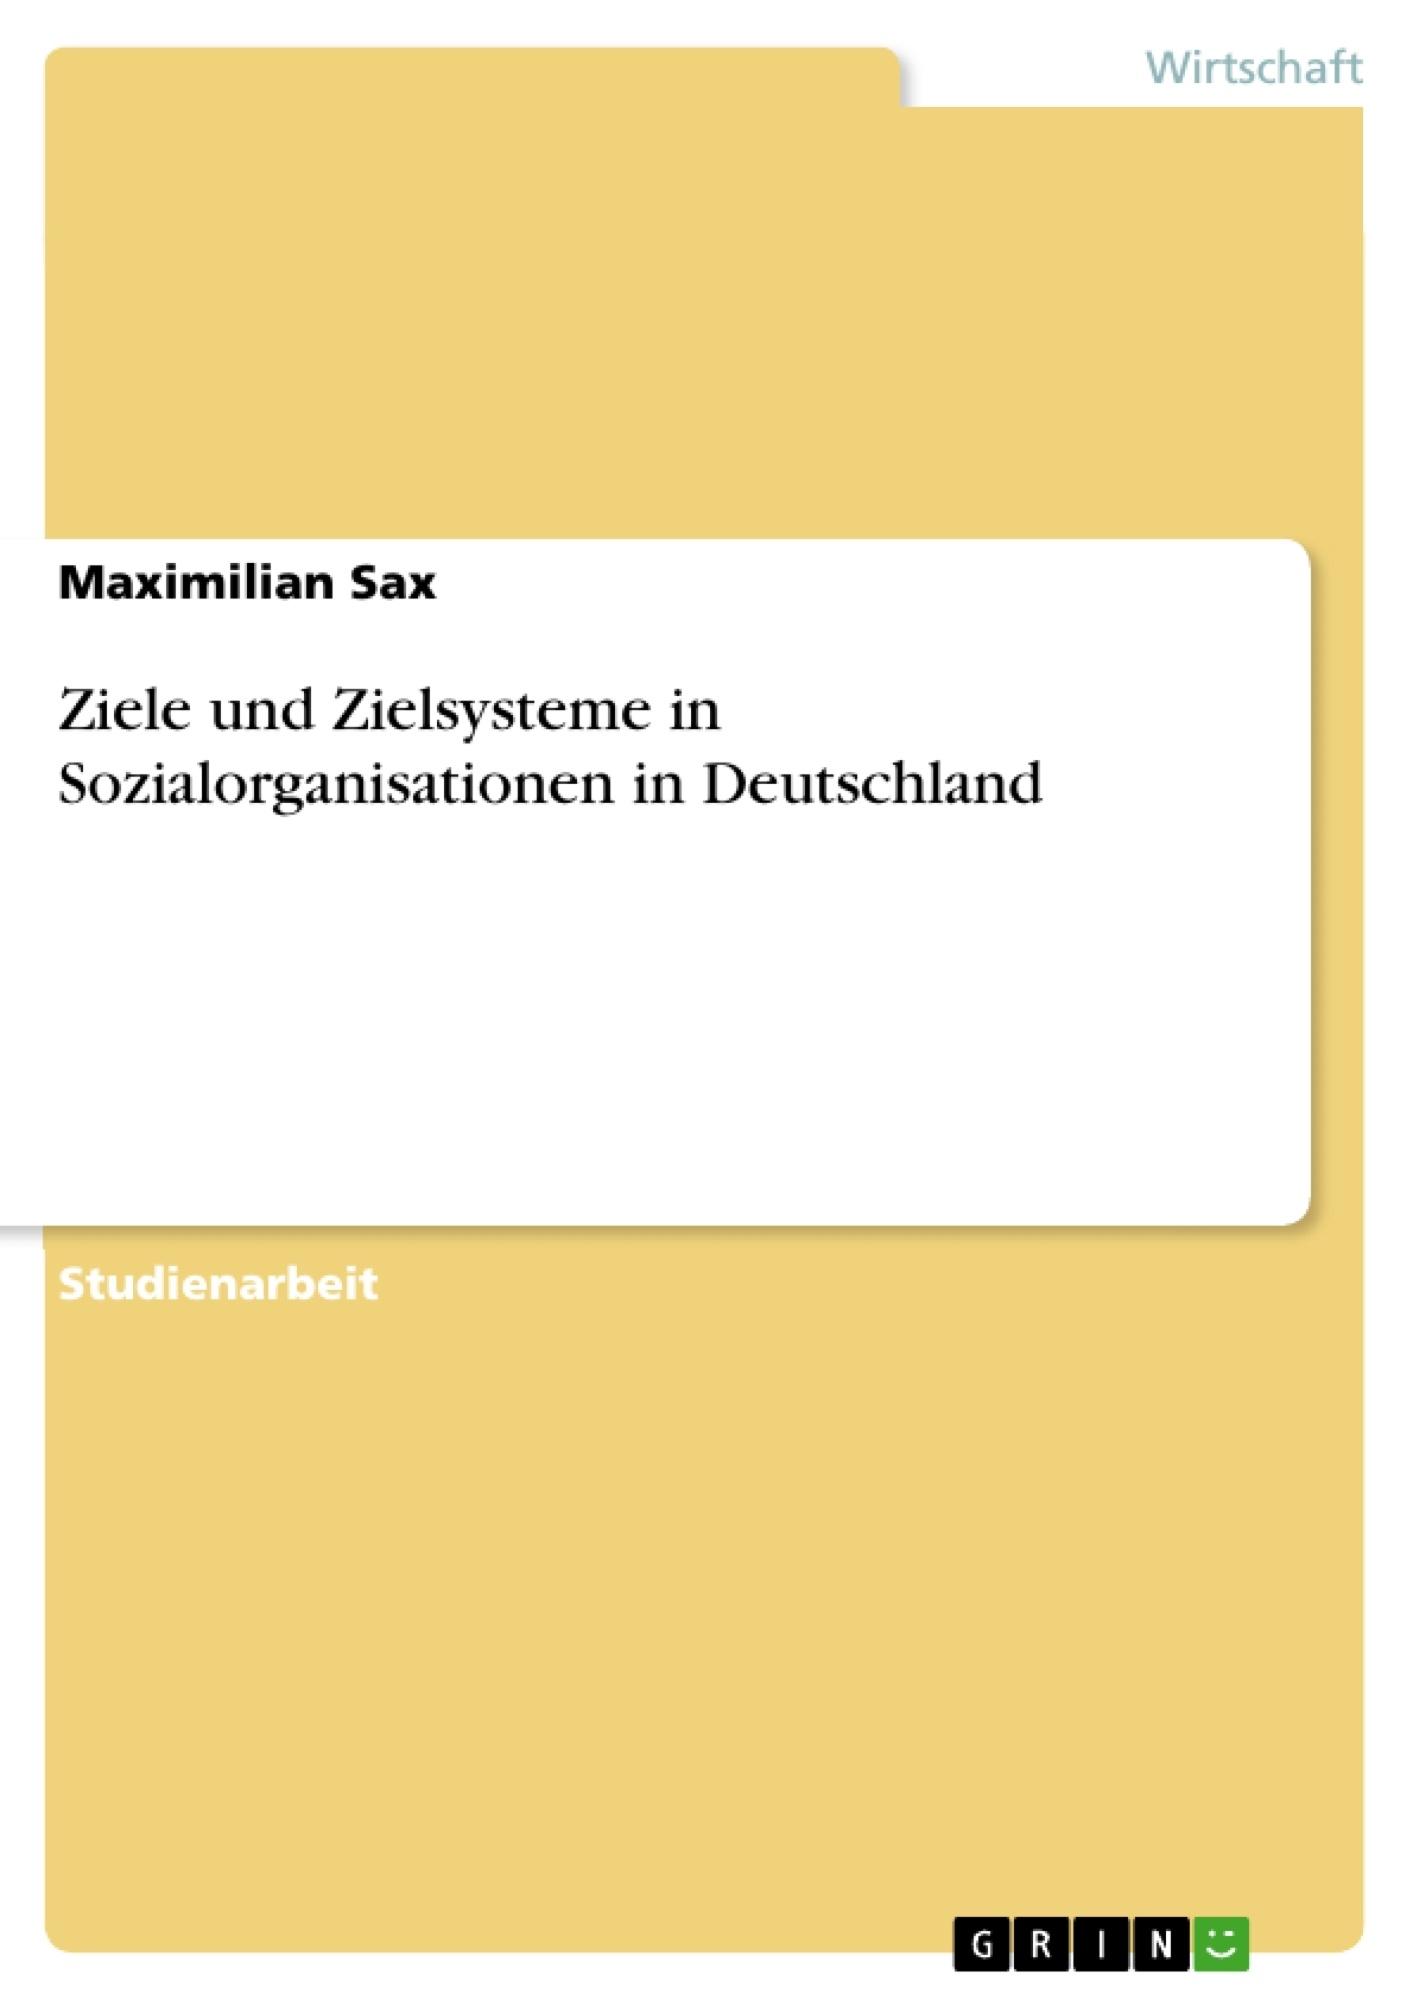 Titel: Ziele und Zielsysteme in Sozialorganisationen in Deutschland